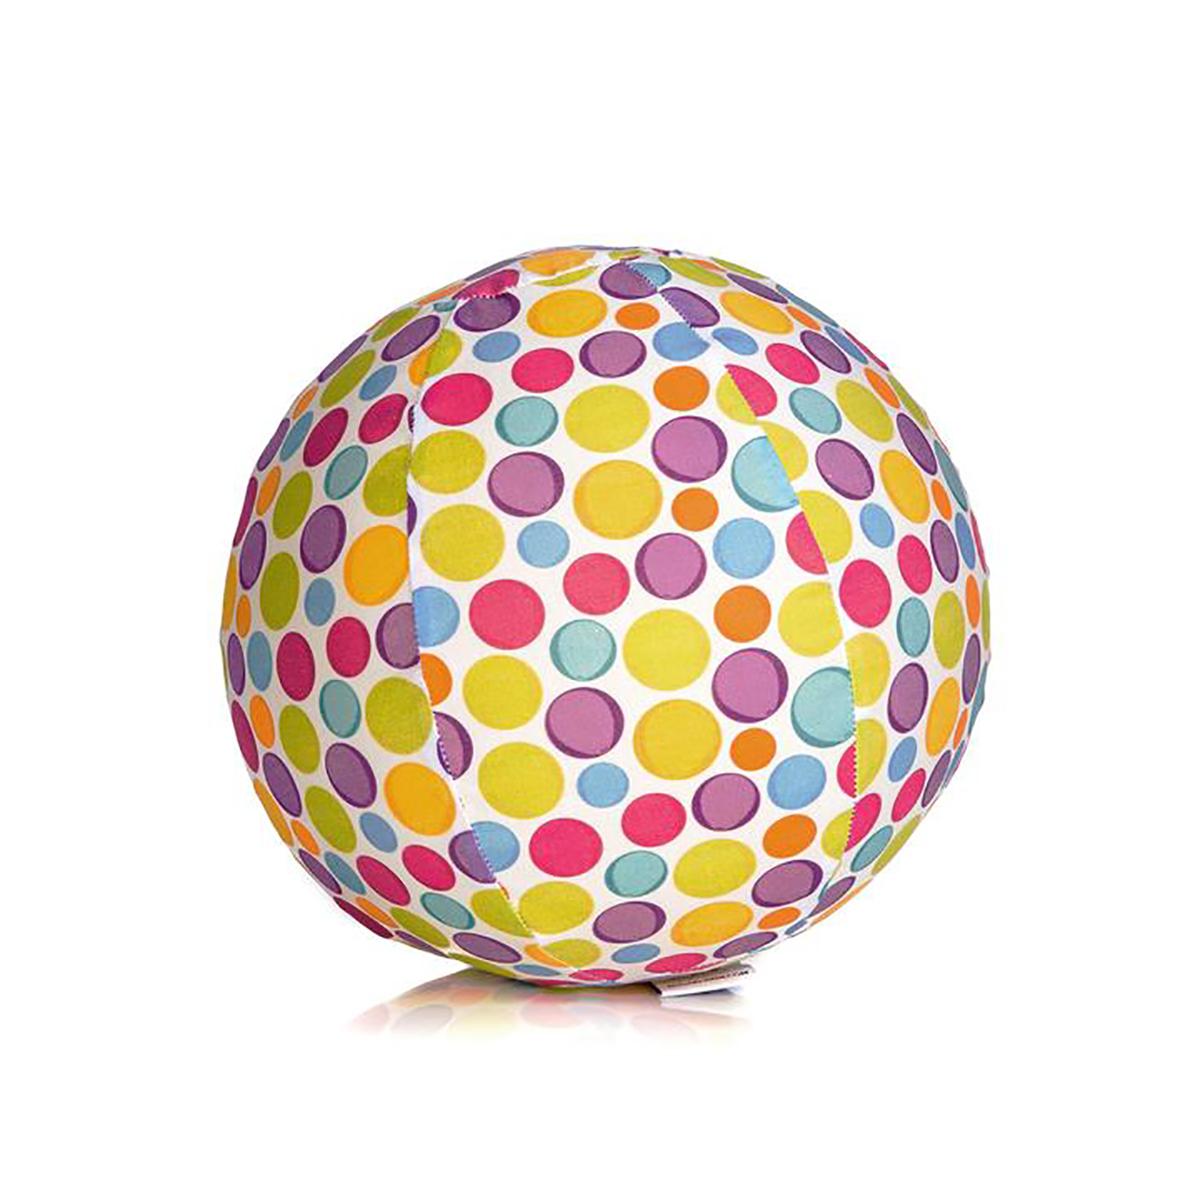 9月23日(月)「ふわふわボール、ブーバブルーンで遊ぼう!」